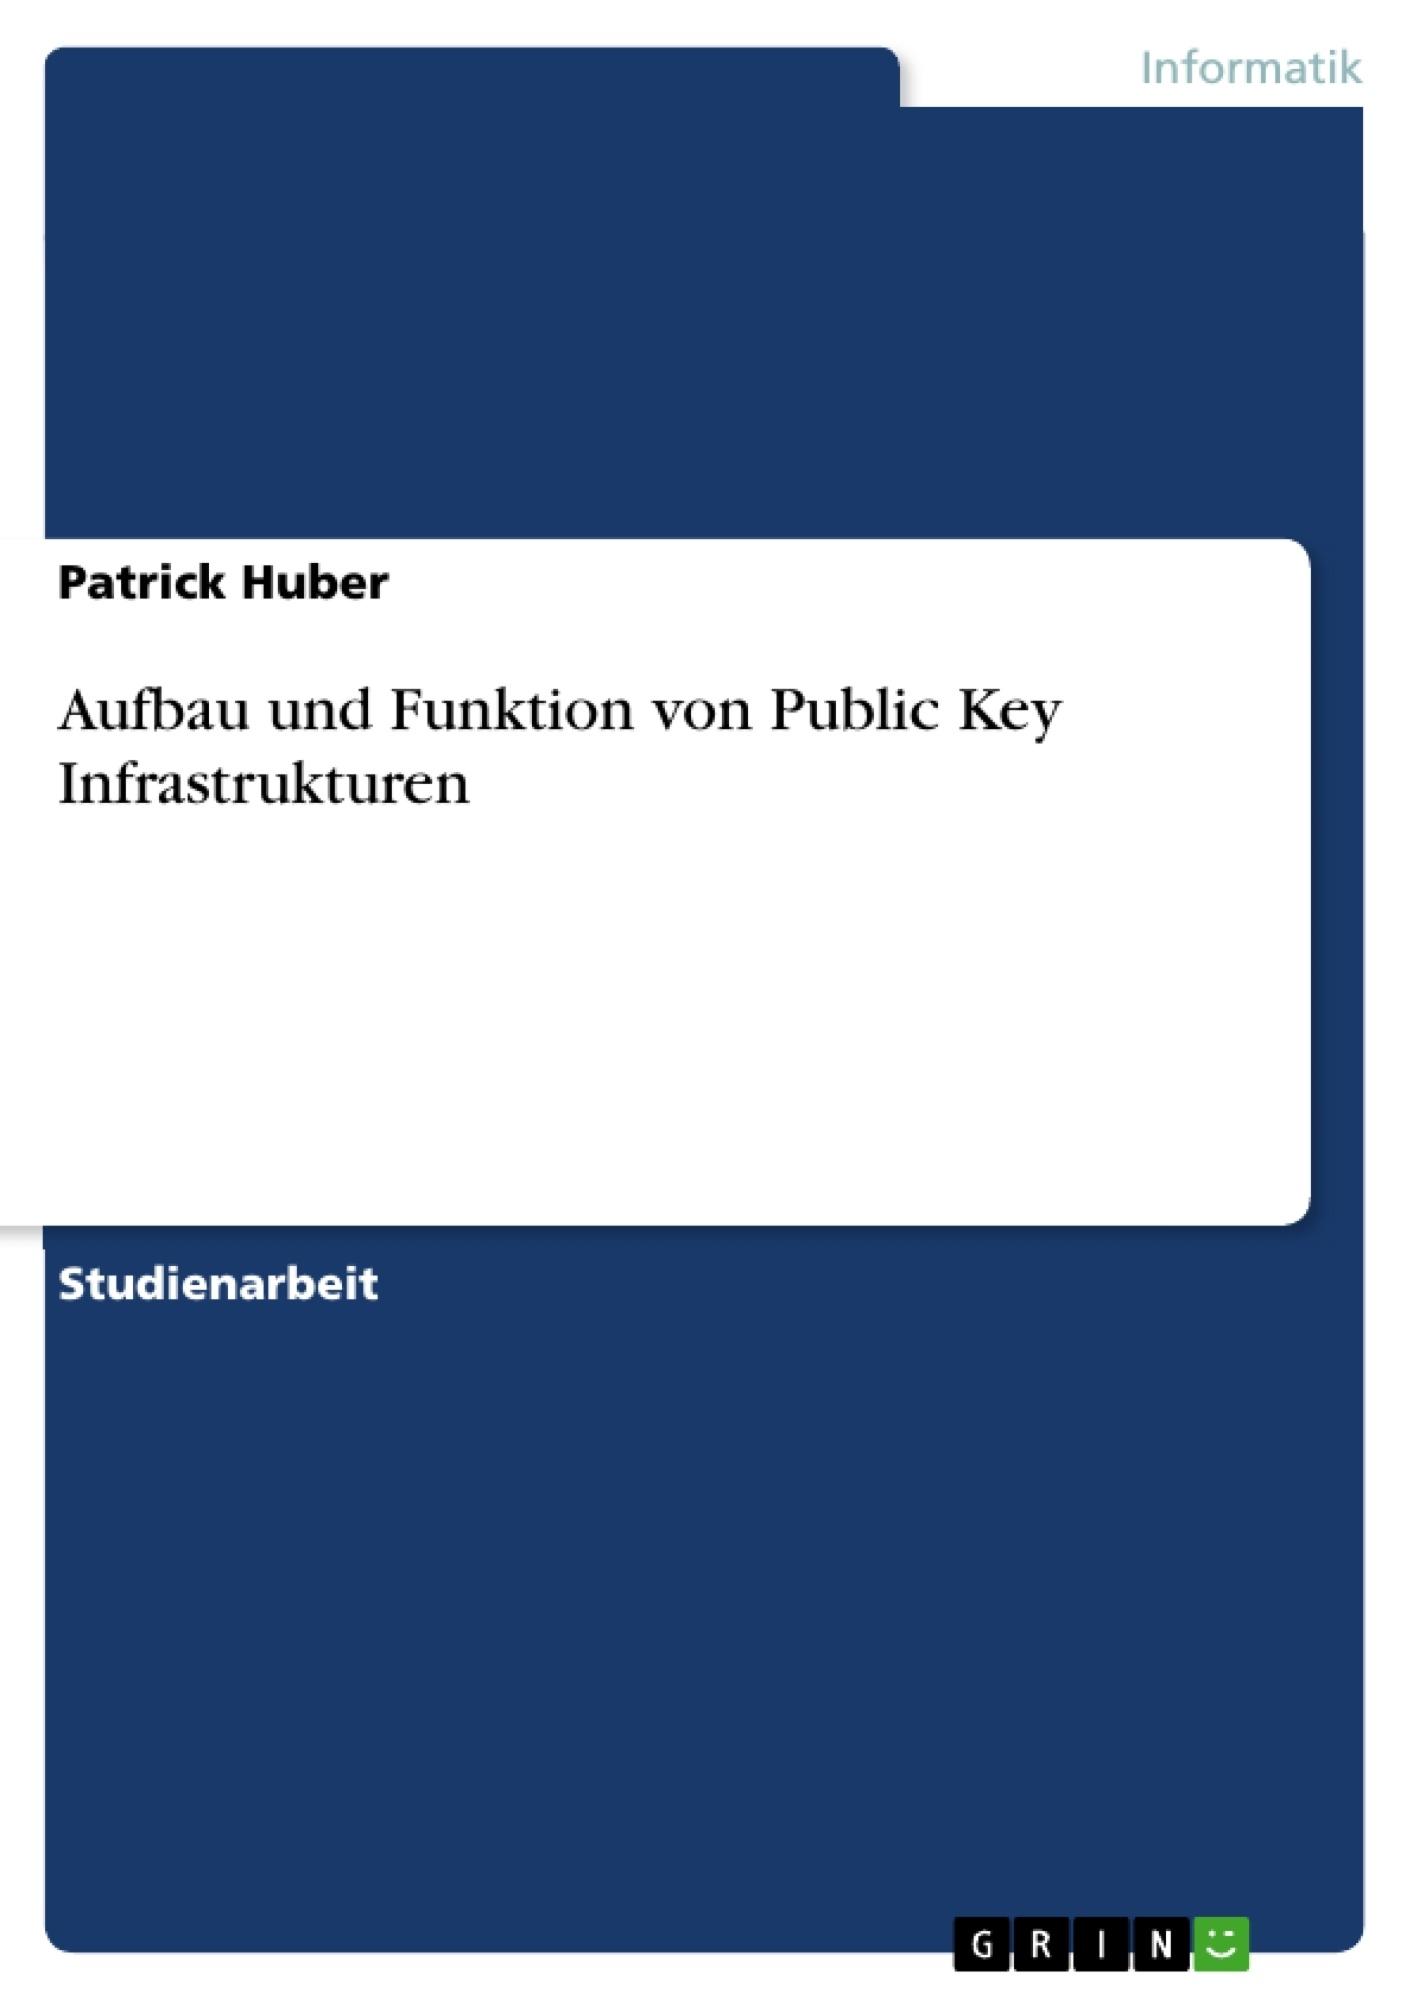 Titel: Aufbau und Funktion von Public Key Infrastrukturen